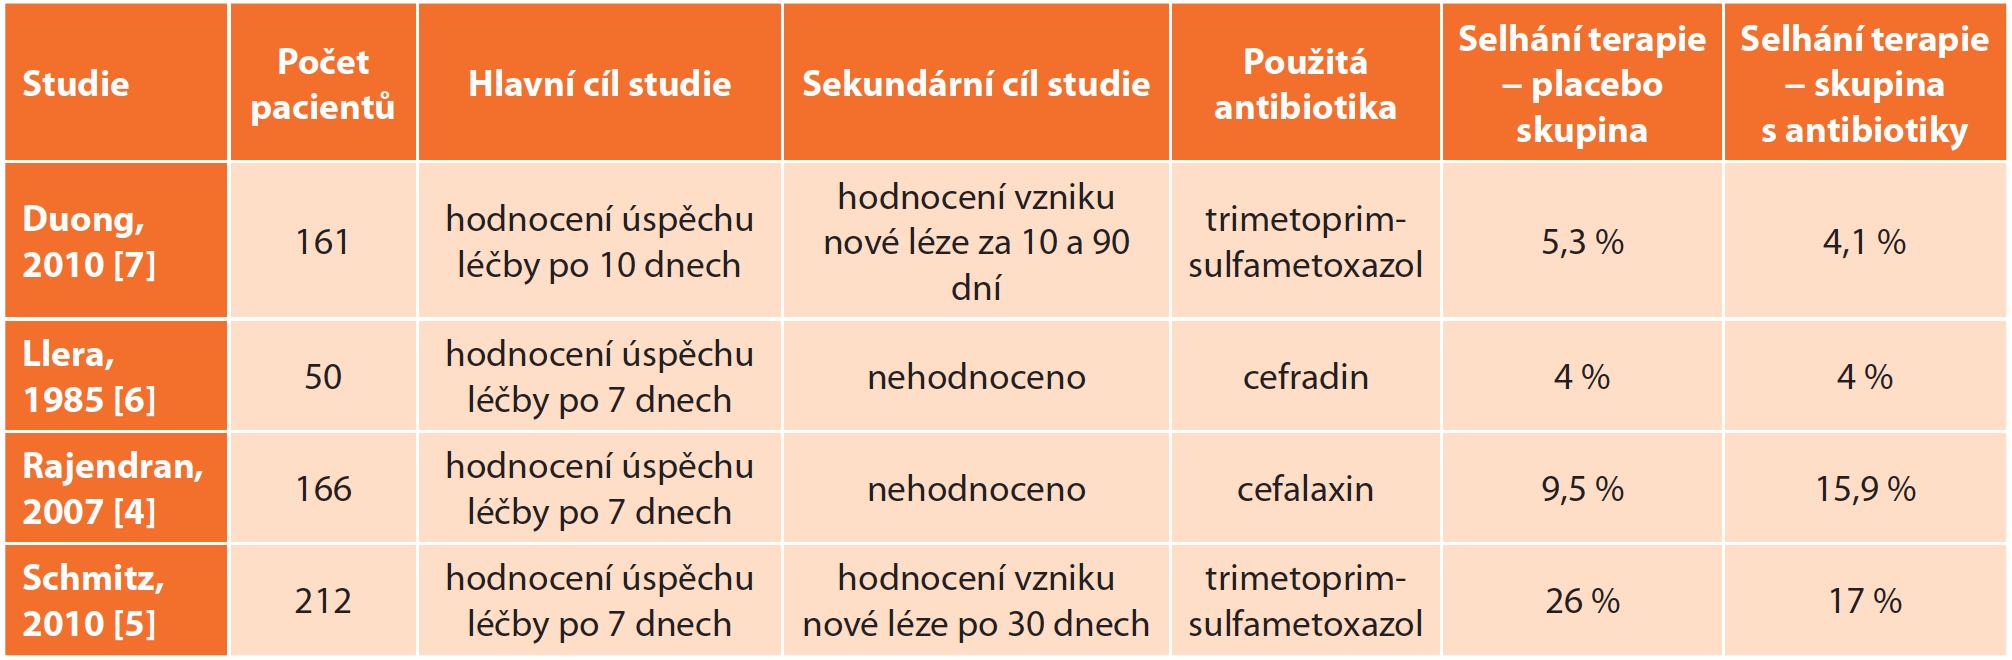 Přehled studií zahrnutých v metaanalýze z roku 2013 [3] <br> Tab. 1: Clinical studies included in the meta-analysis of 2013 [3]